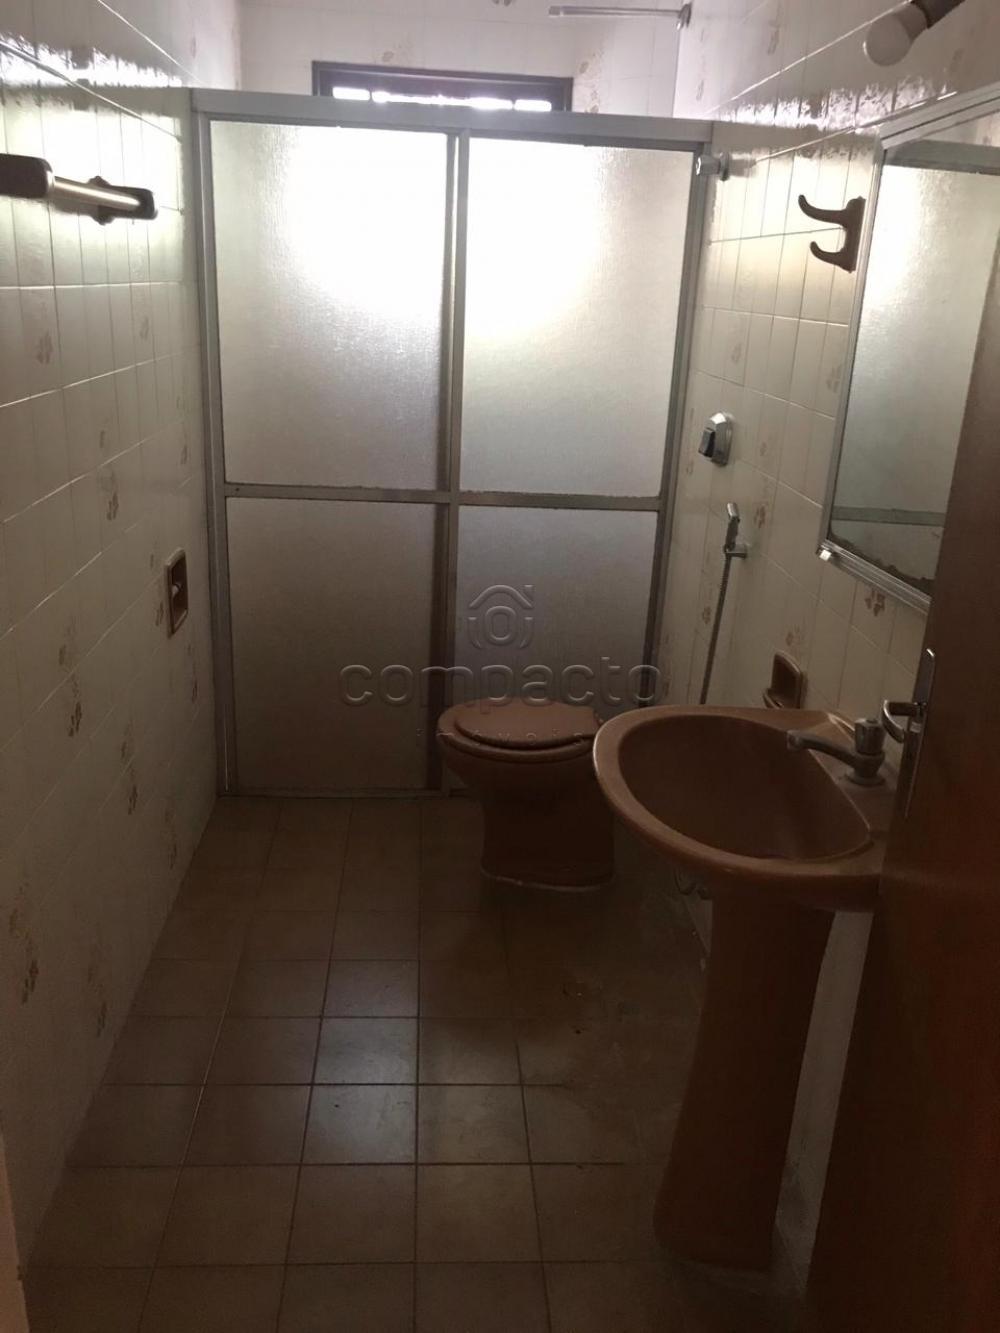 Comprar Apartamento / Padrão em São José do Rio Preto apenas R$ 230.000,00 - Foto 12